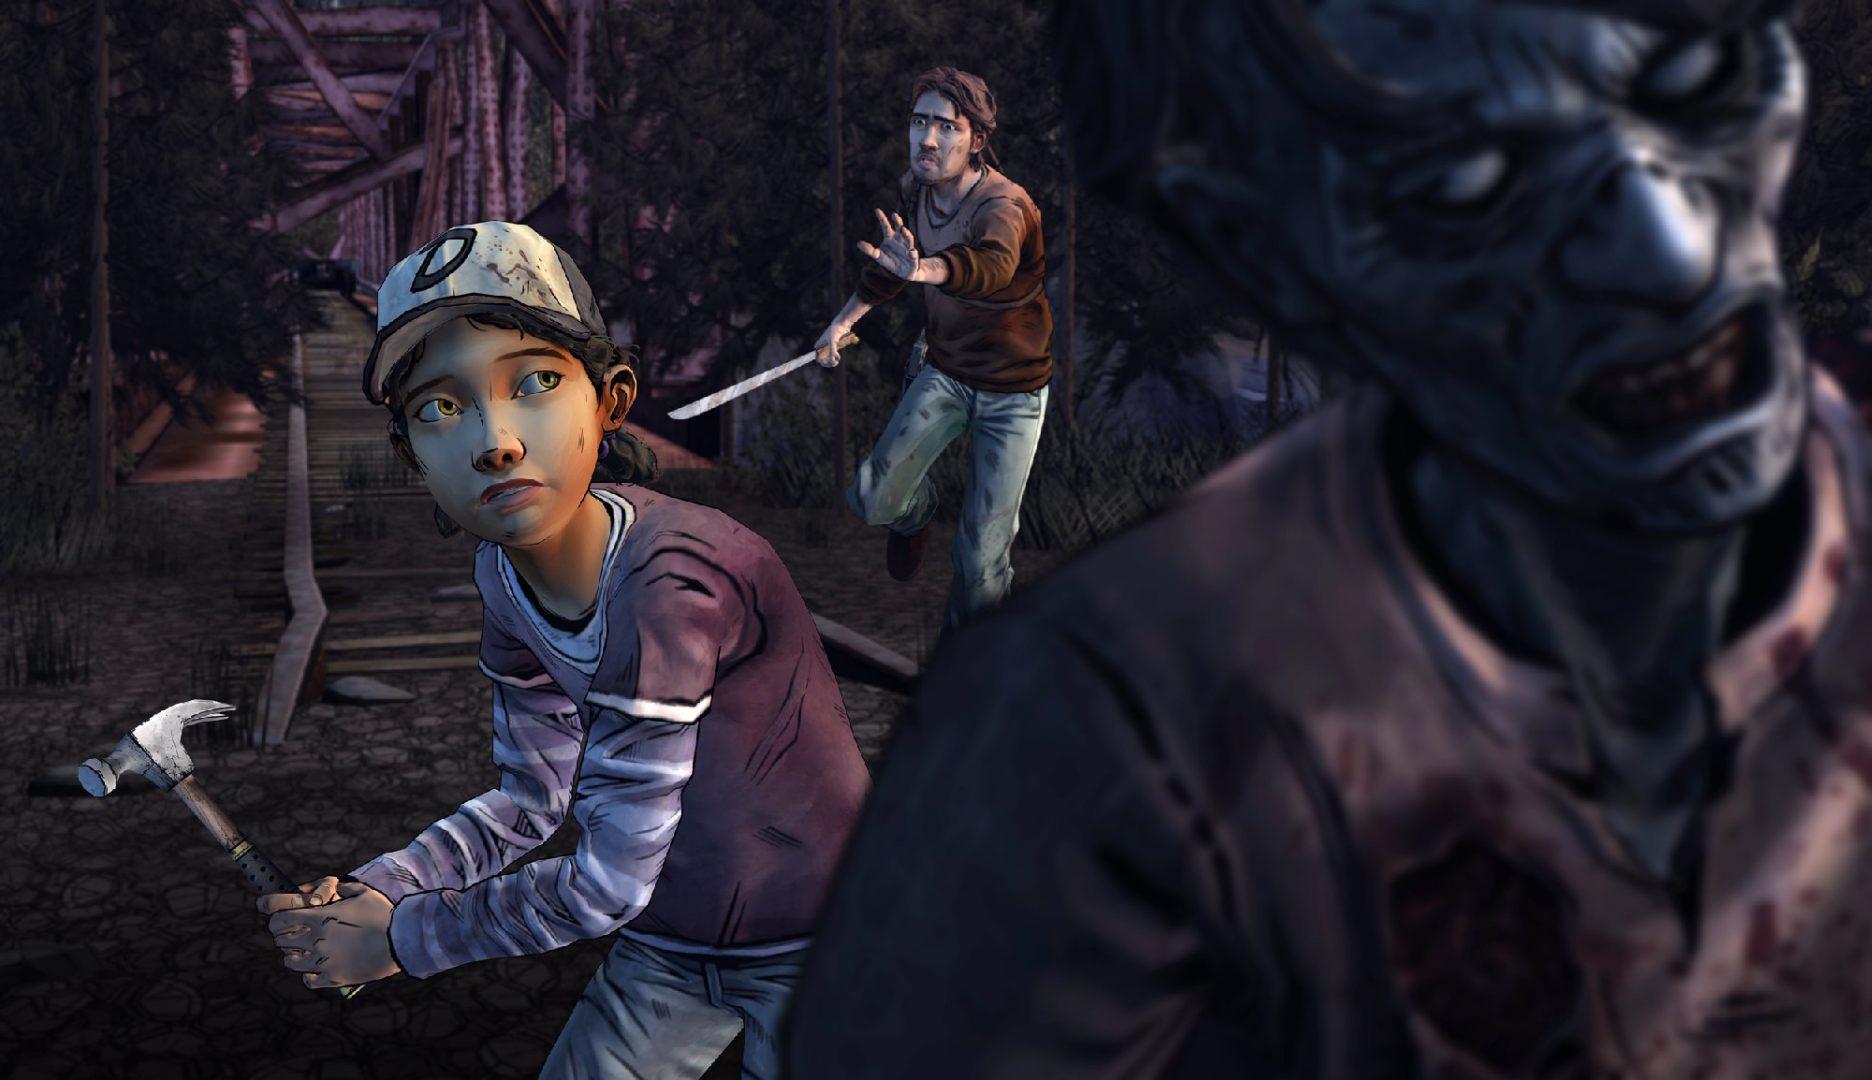 E3 2016: Walking Dead Season 3 Teaser Unveiled